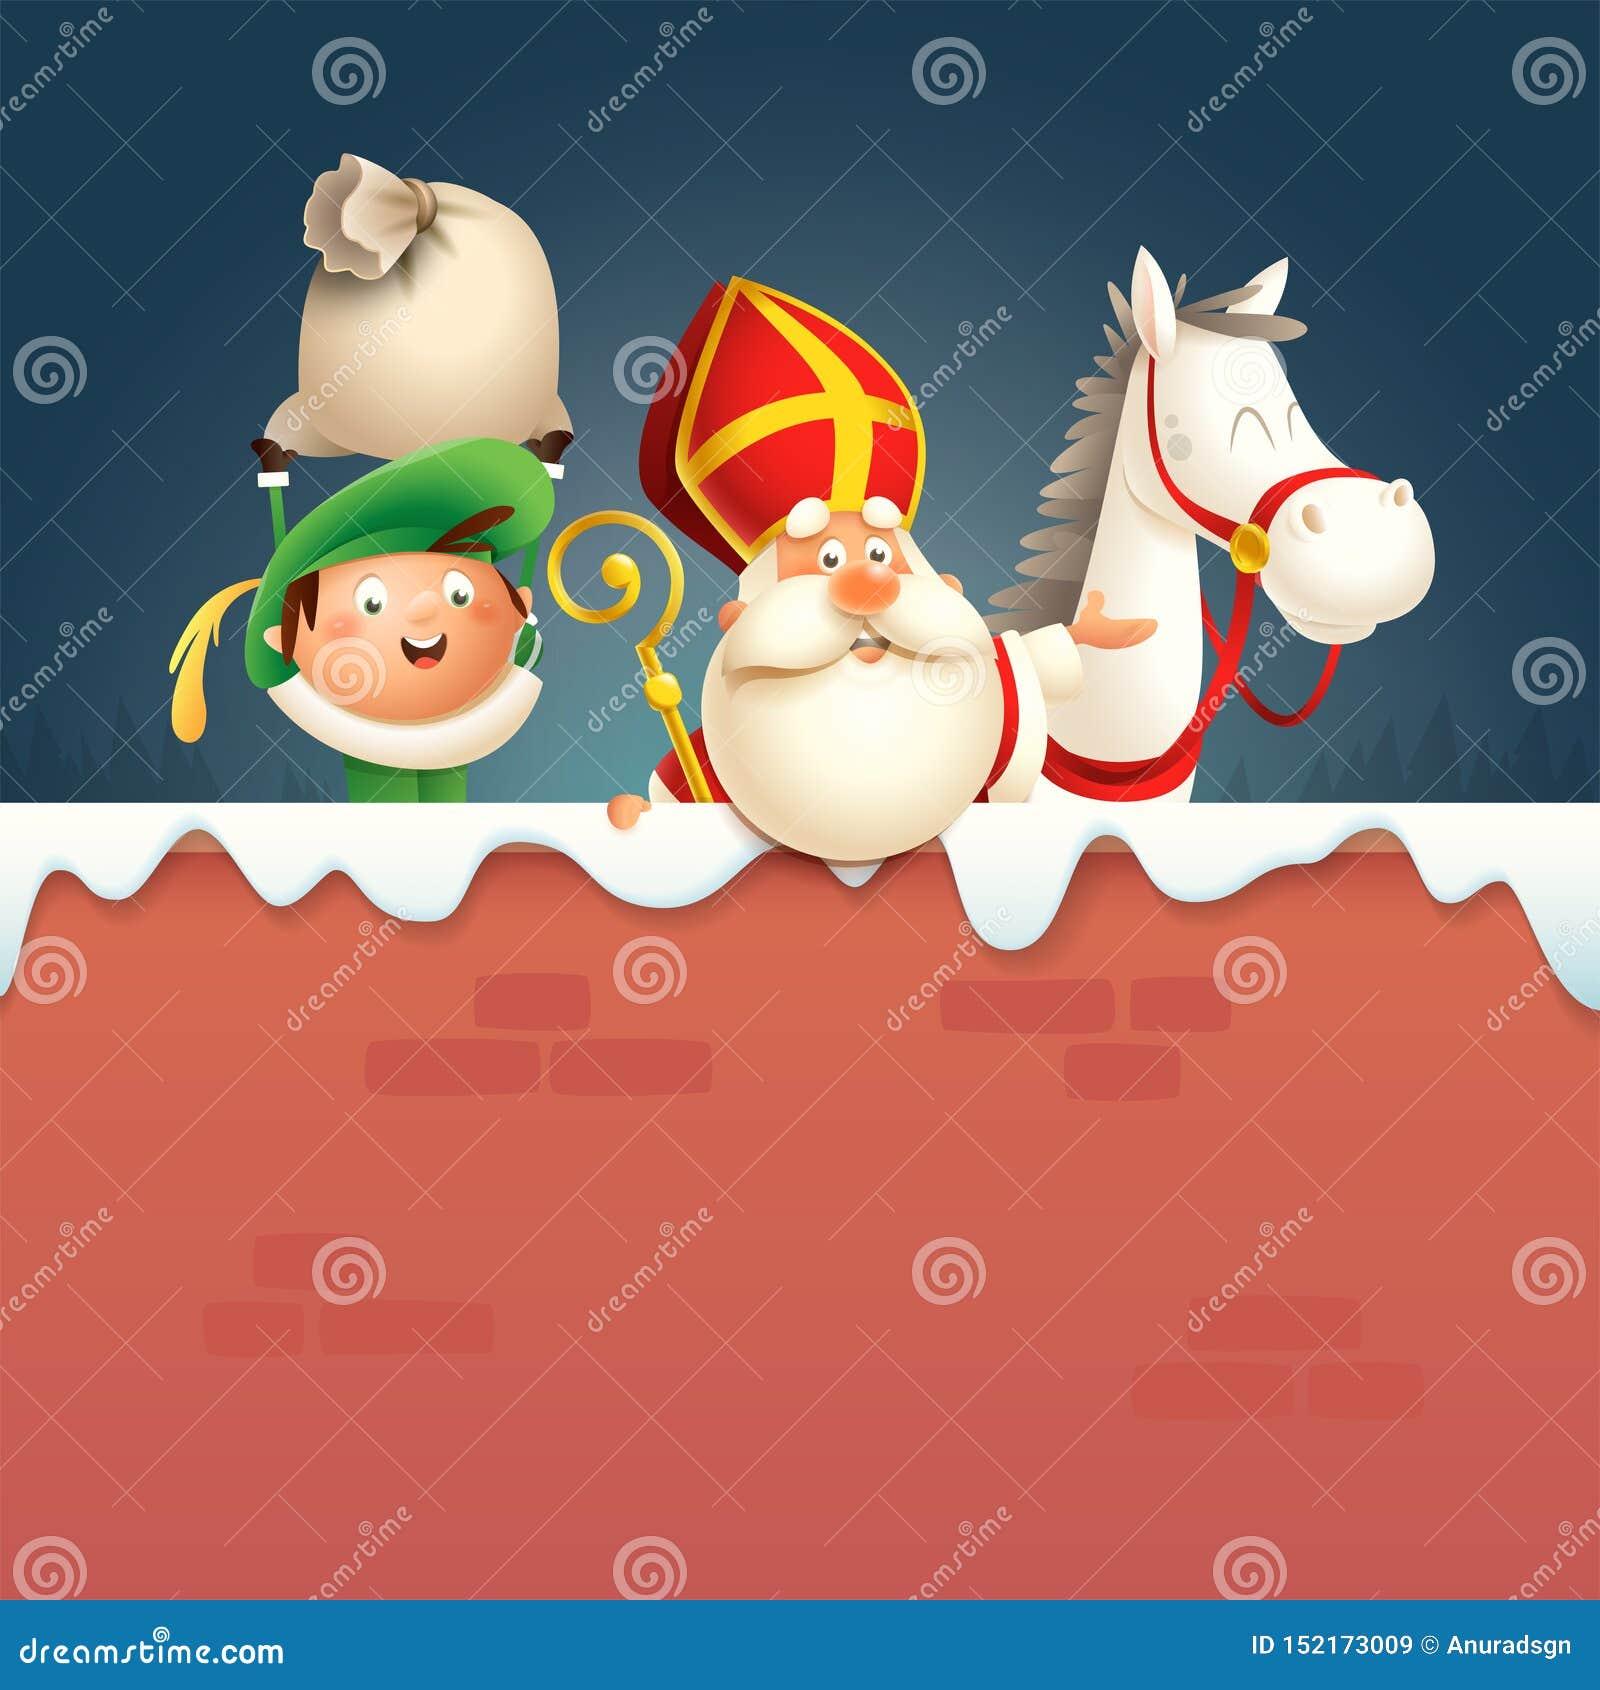 Sankt- Nikolaus oder Sinterklaas-Pferd und Helfer Peter an Bord - glückliche nette Charaktere feiern niederländischen Feiertag au